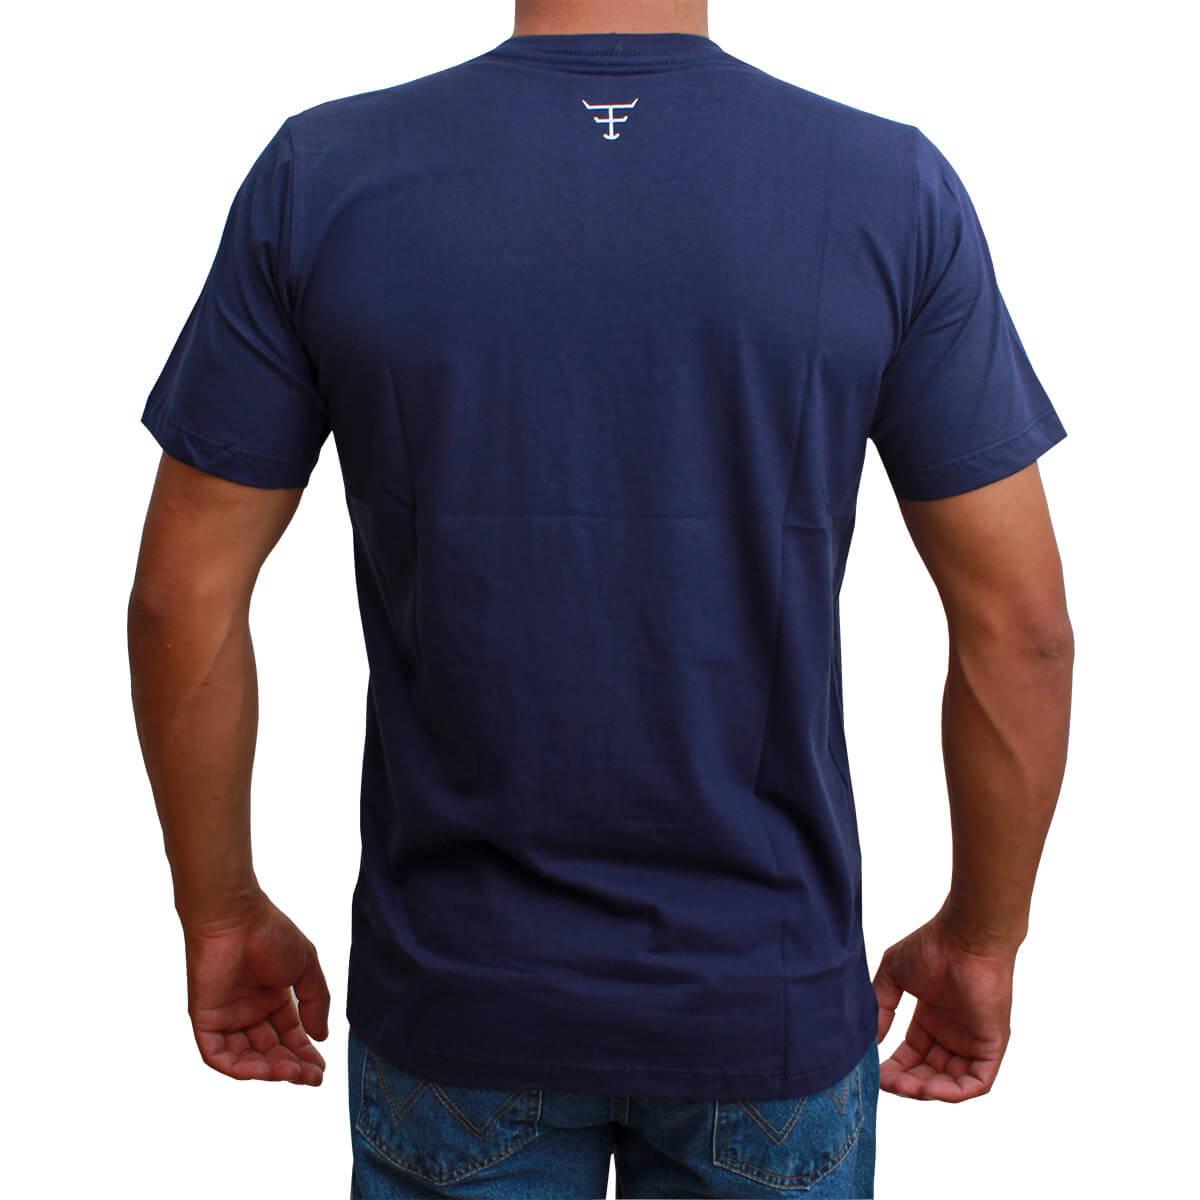 Camiseta Masculina Texas Farm Azul Marinho The Country